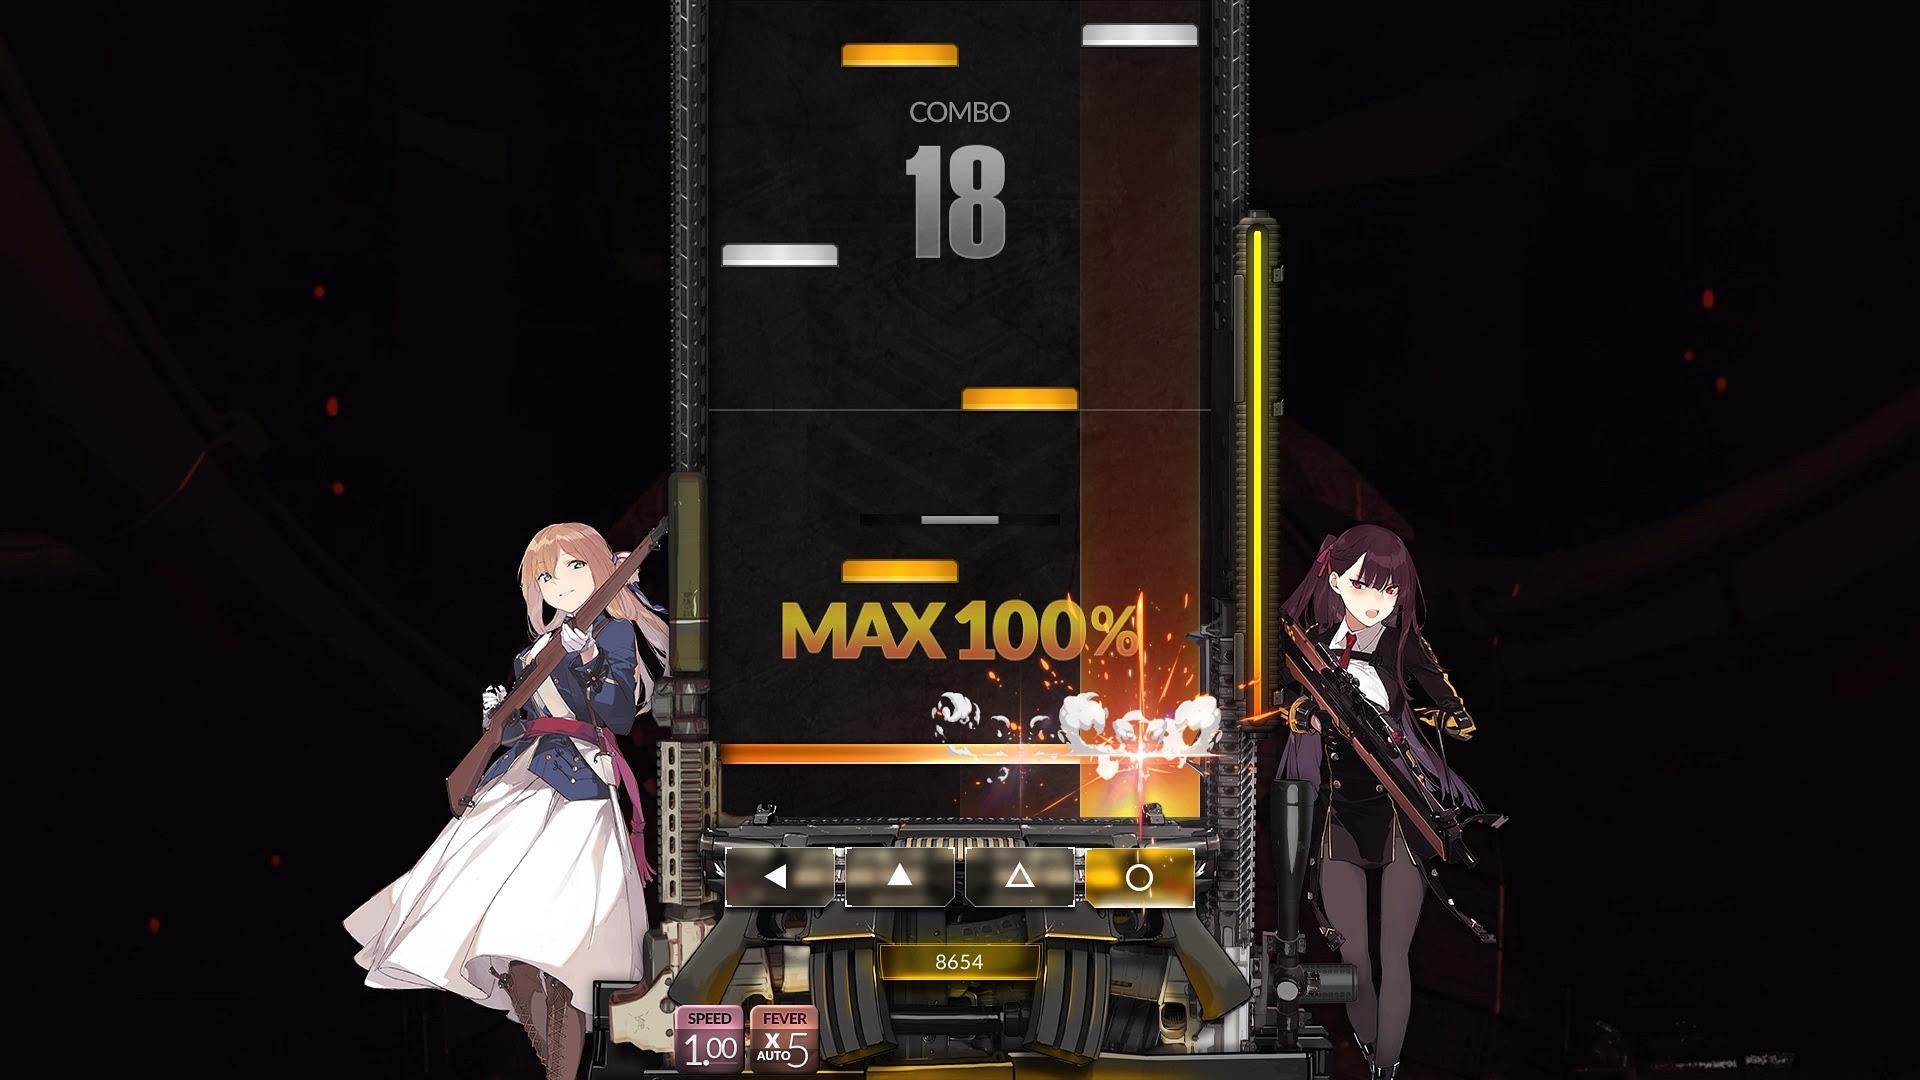 djmax-respect-x-girls-frontline-dlc-trailer3-frikigamers.com.jpg